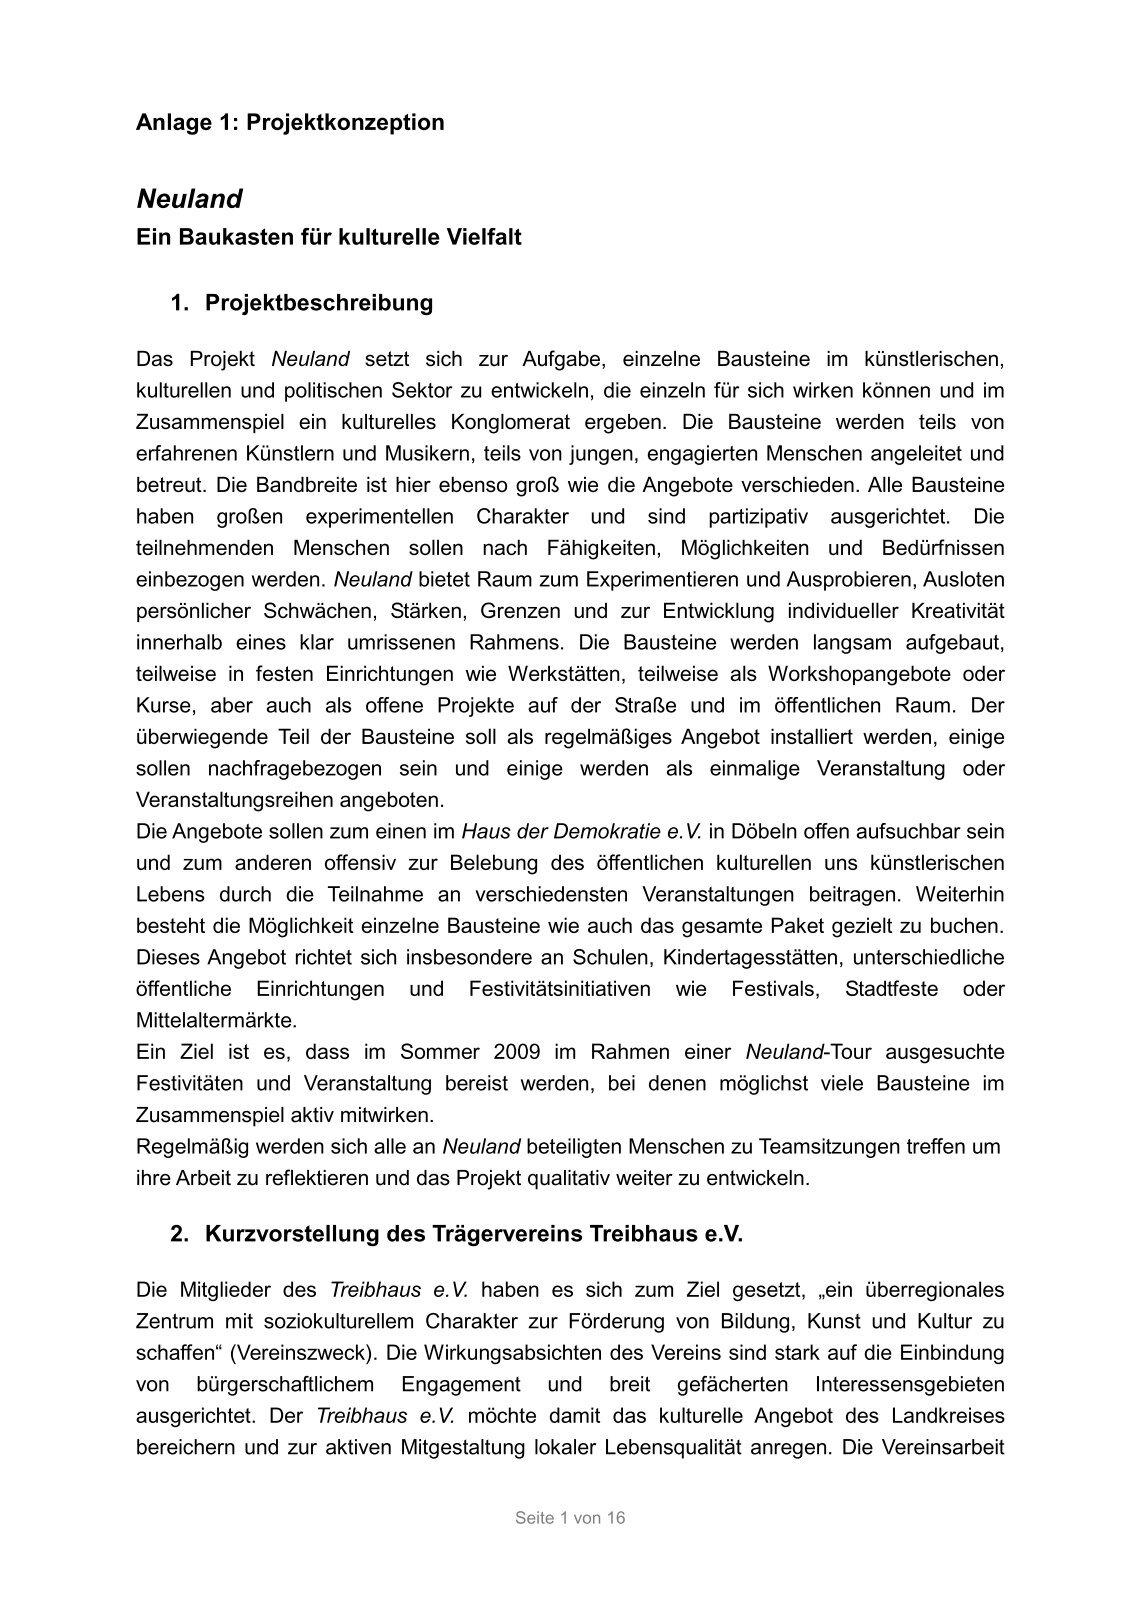 Niedlich Ein Rahmen Treibhaus Fotos - Rahmen Ideen - markjohnsonshow ...